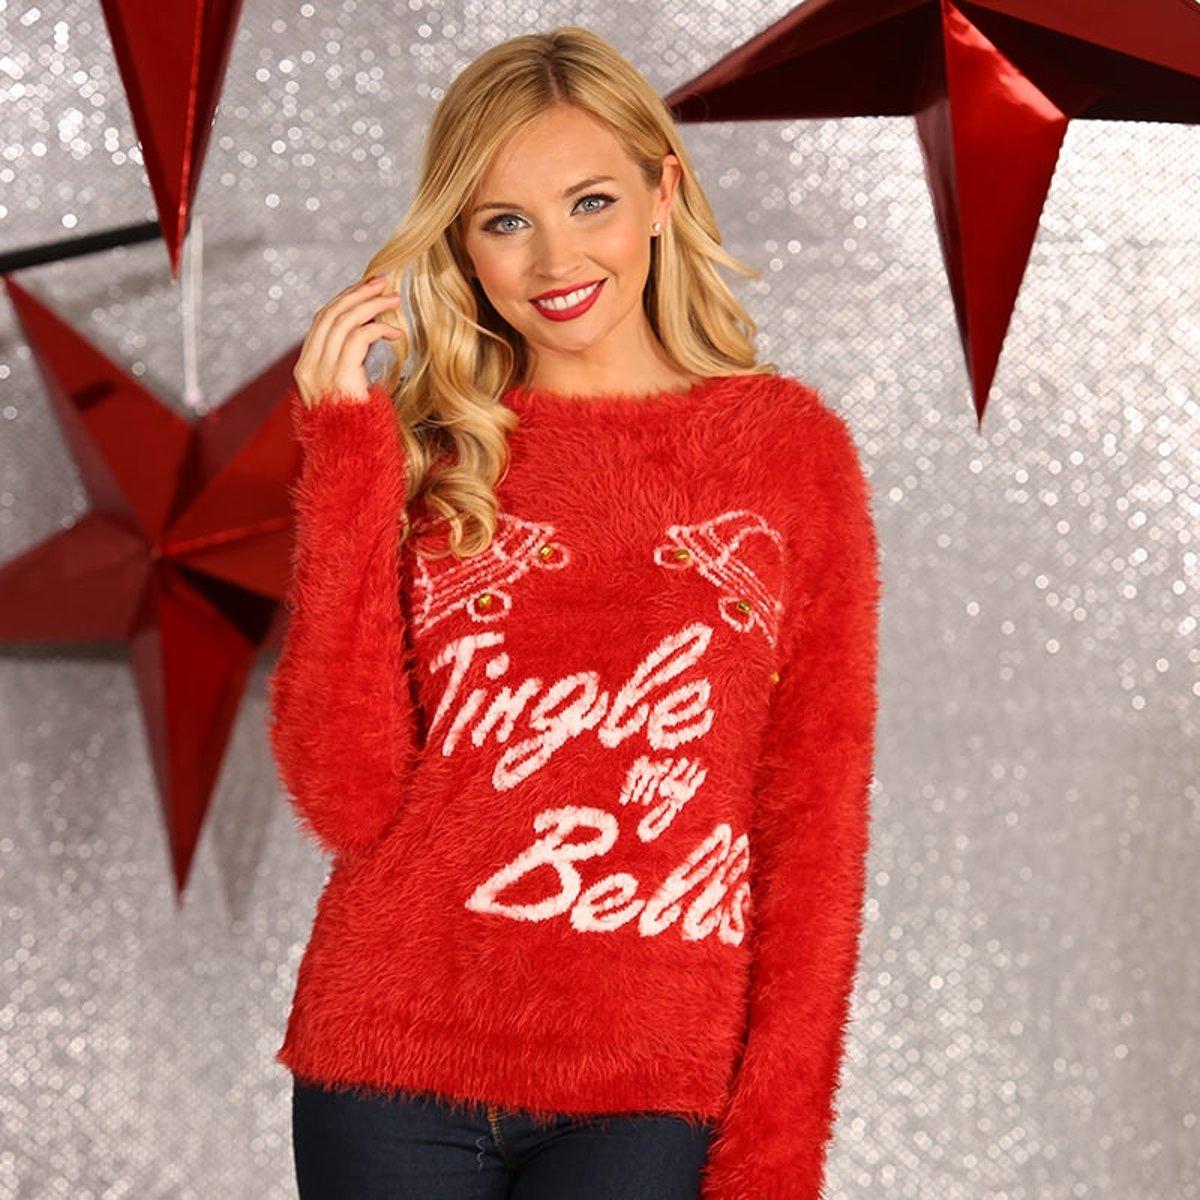 Kersttrui Maat L.Kerstmis Trui Kerst Trui Voor Vrouwen Met De Ondeugende Tekst